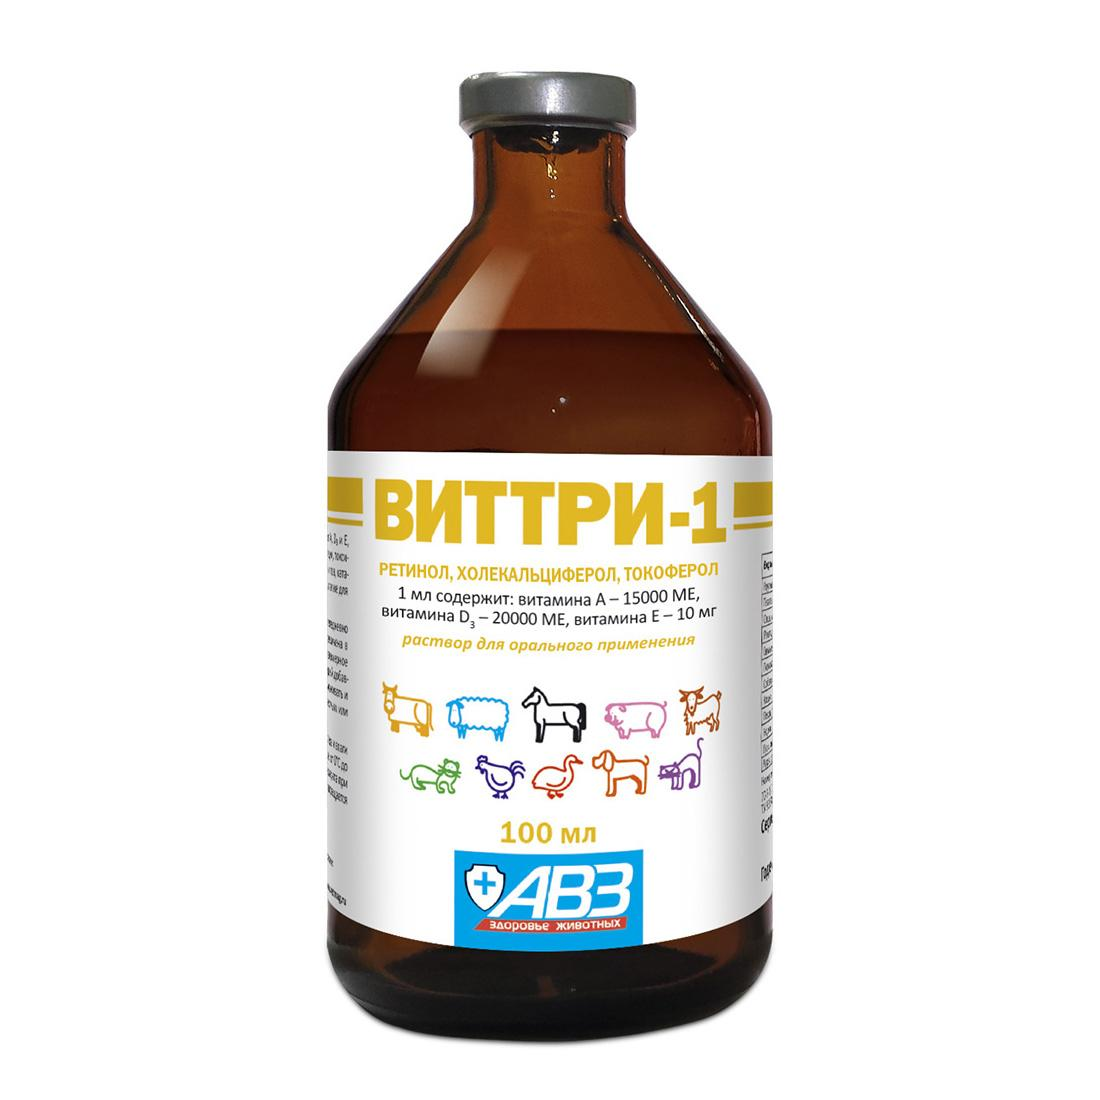 Баксин-вет — инструкция по применению для животных, дозировки, противопоказания